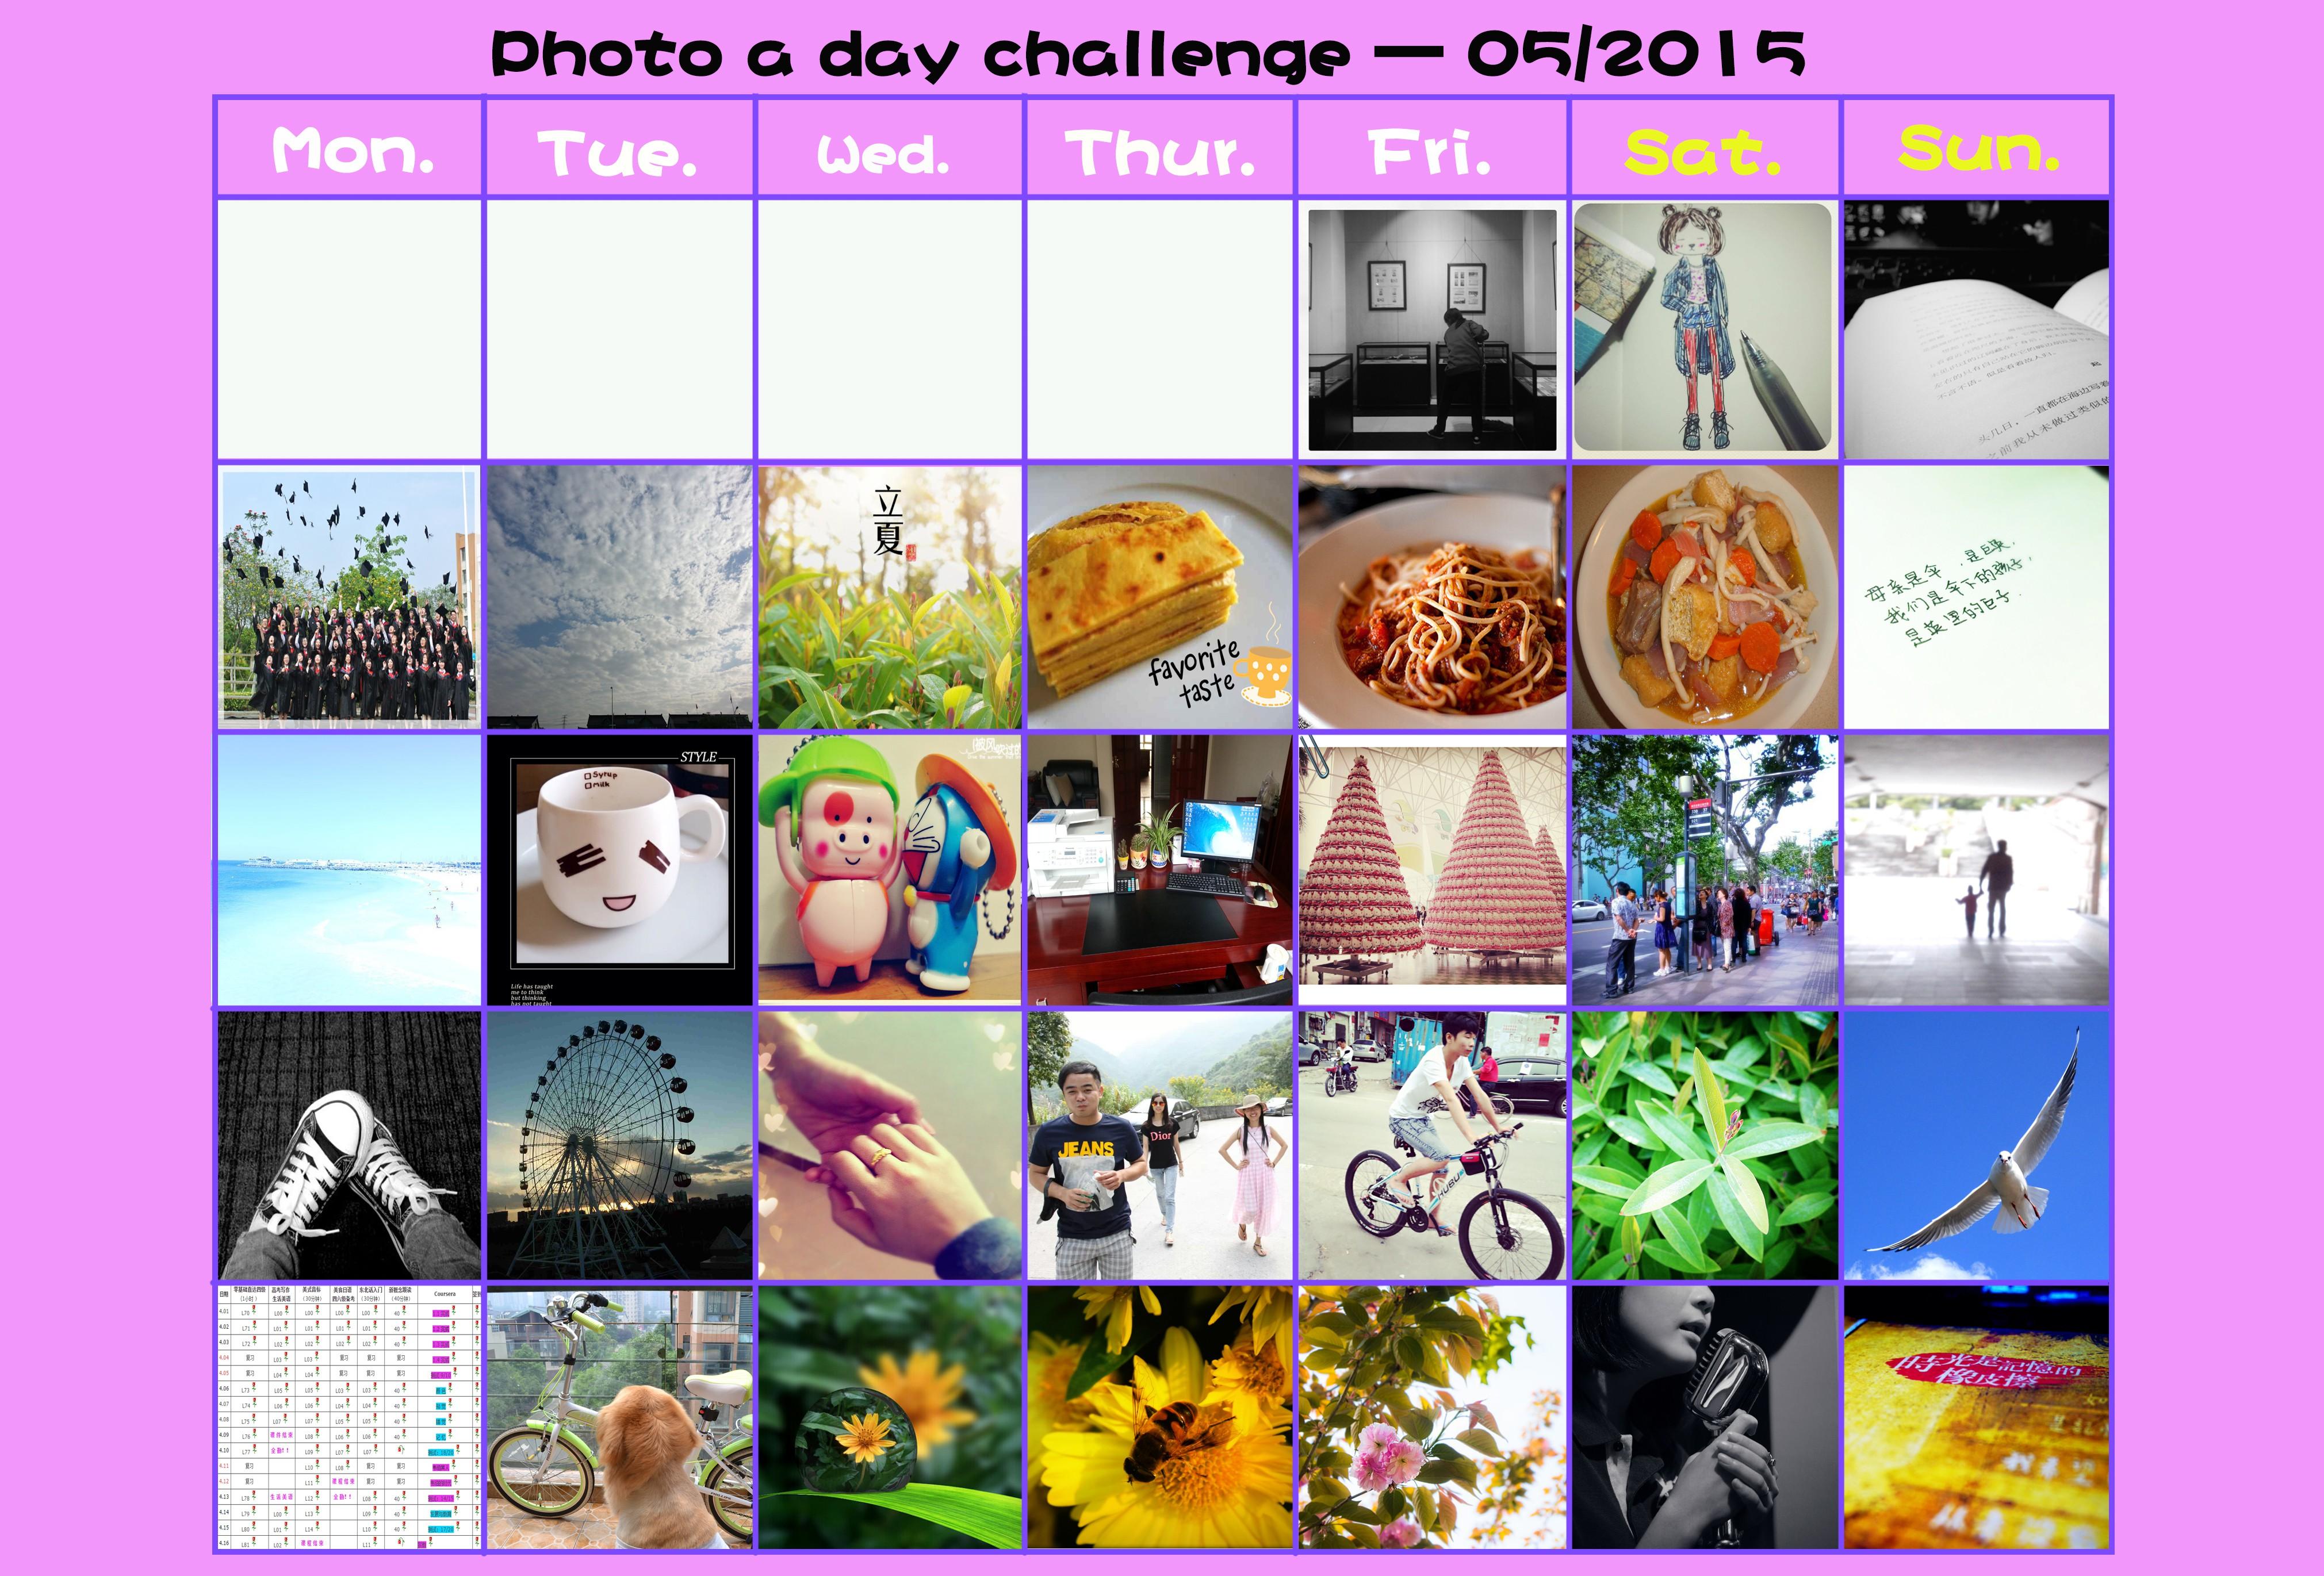 【六月摄影活动】【photo a day challenge】— 2015/06